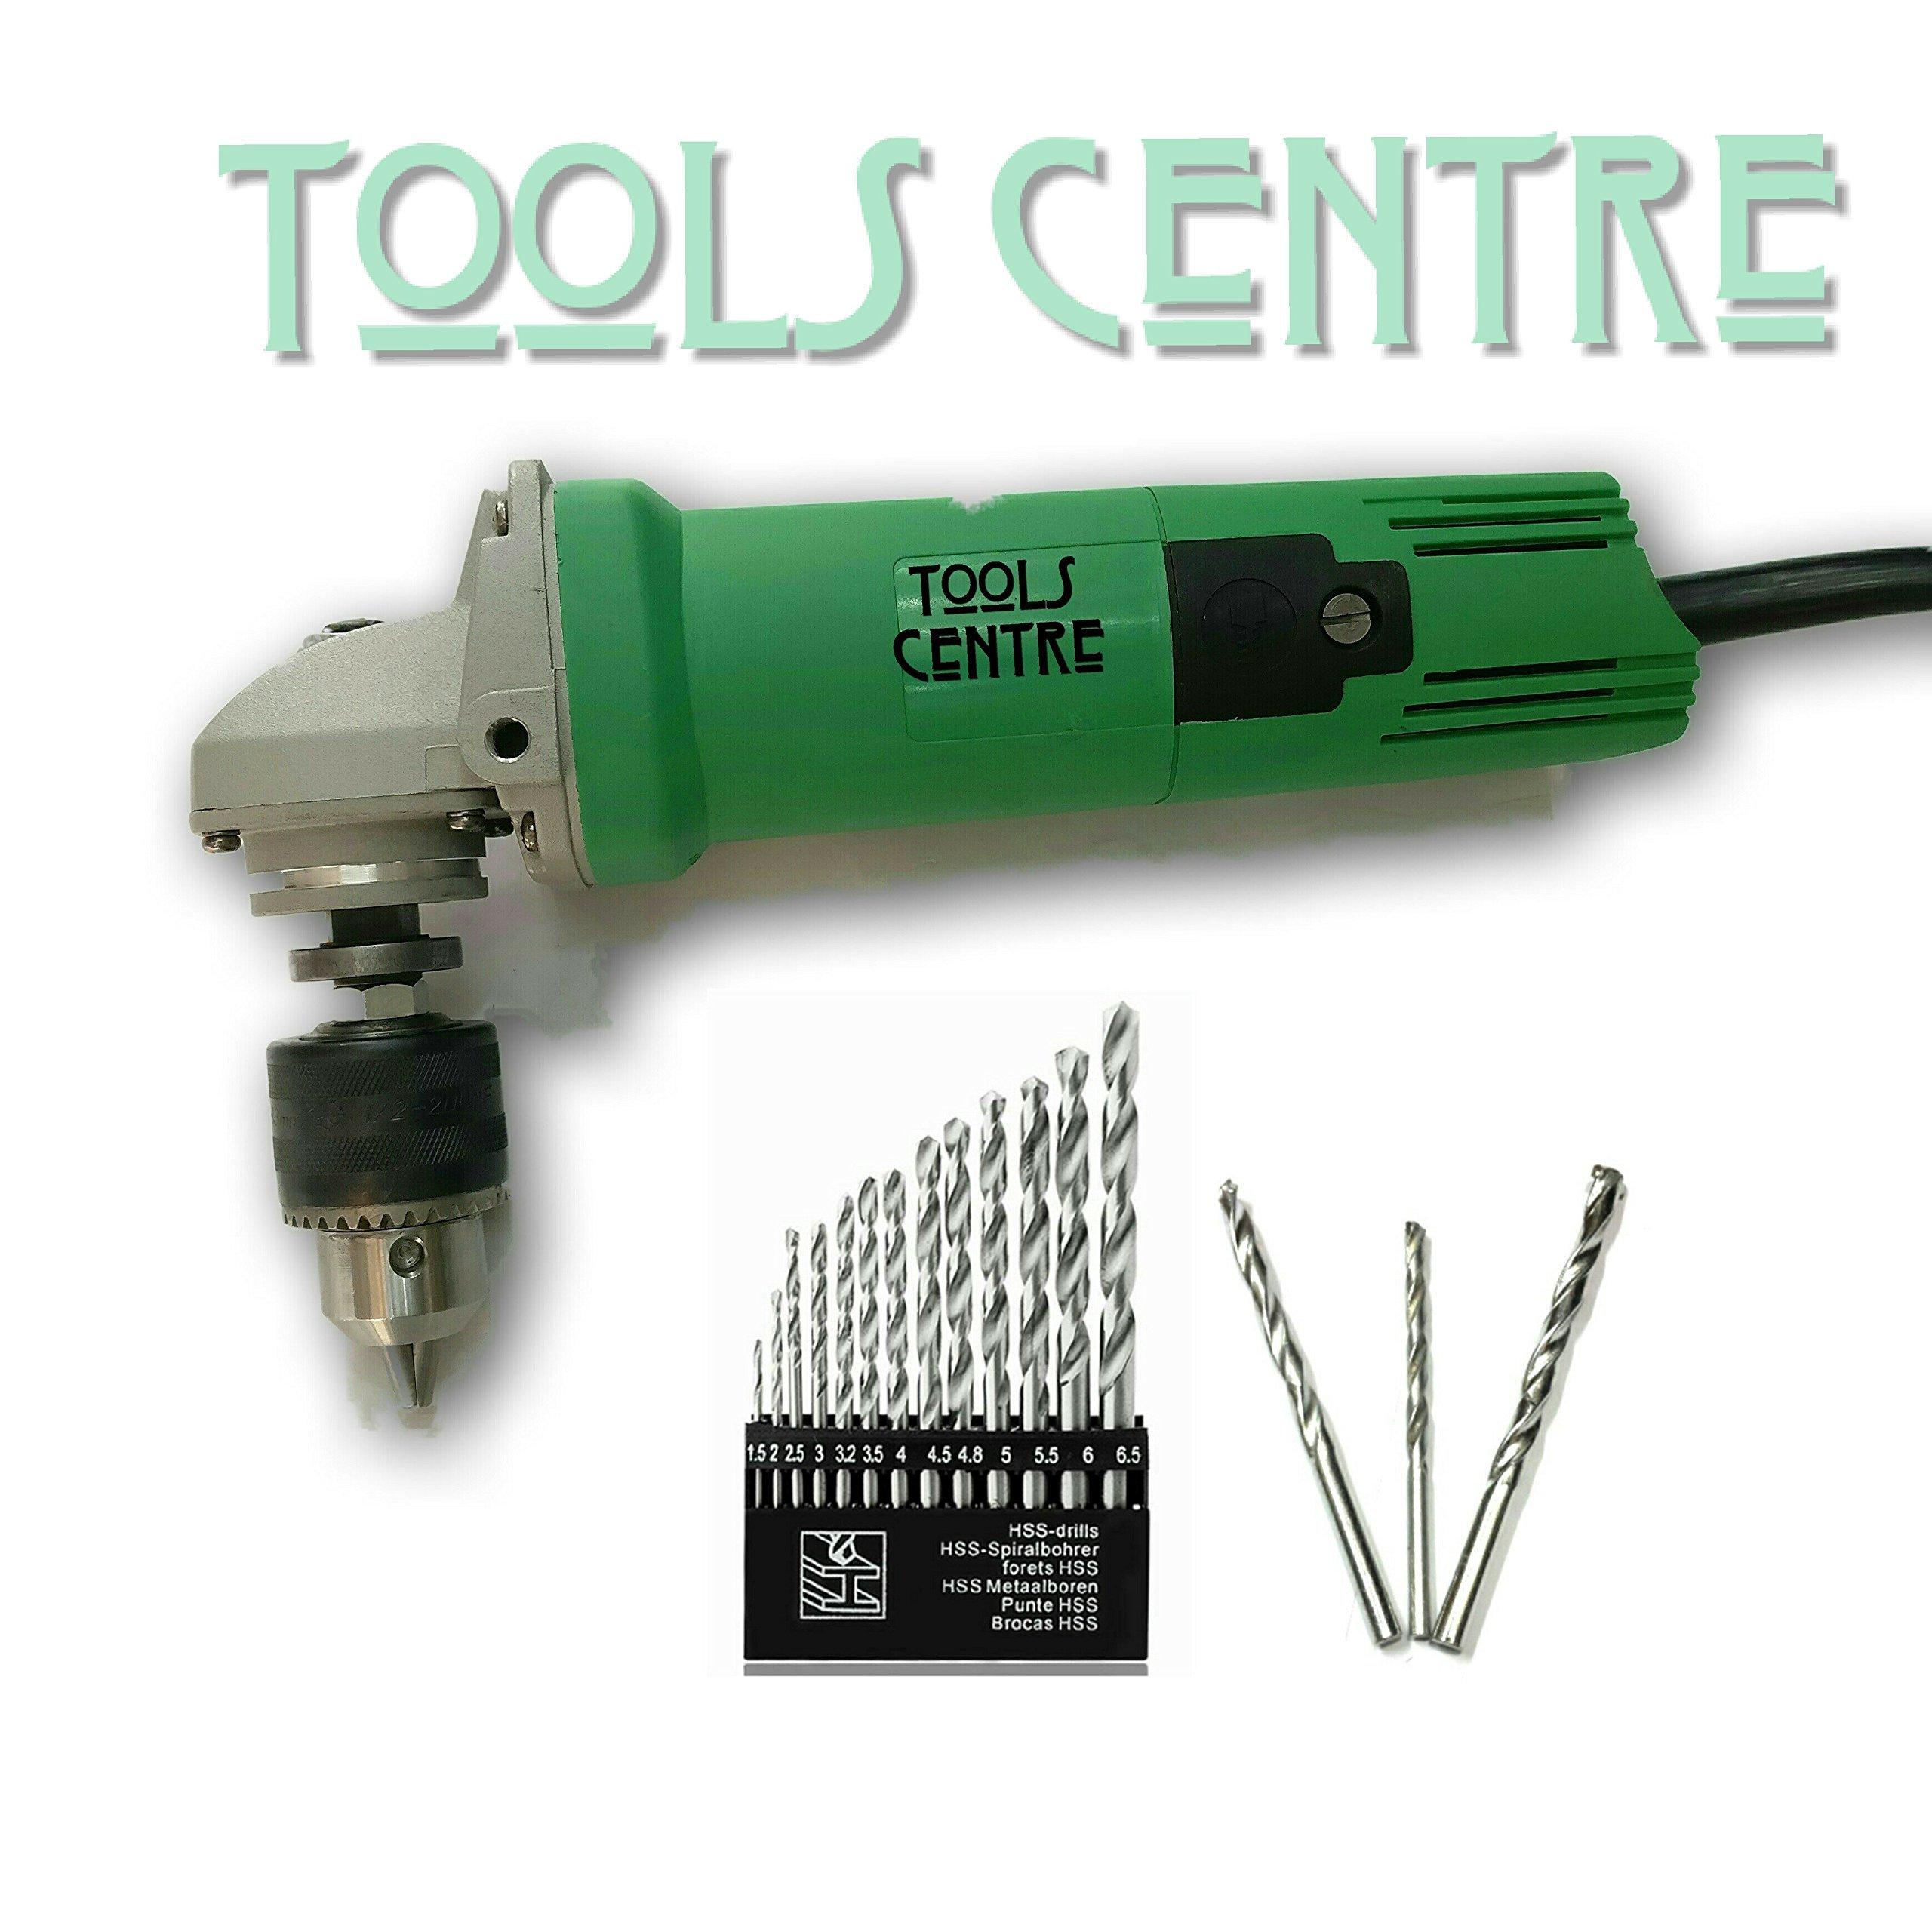 212175 Steel Drill Bit0900 of Hss 12.0mm 5 Pcs